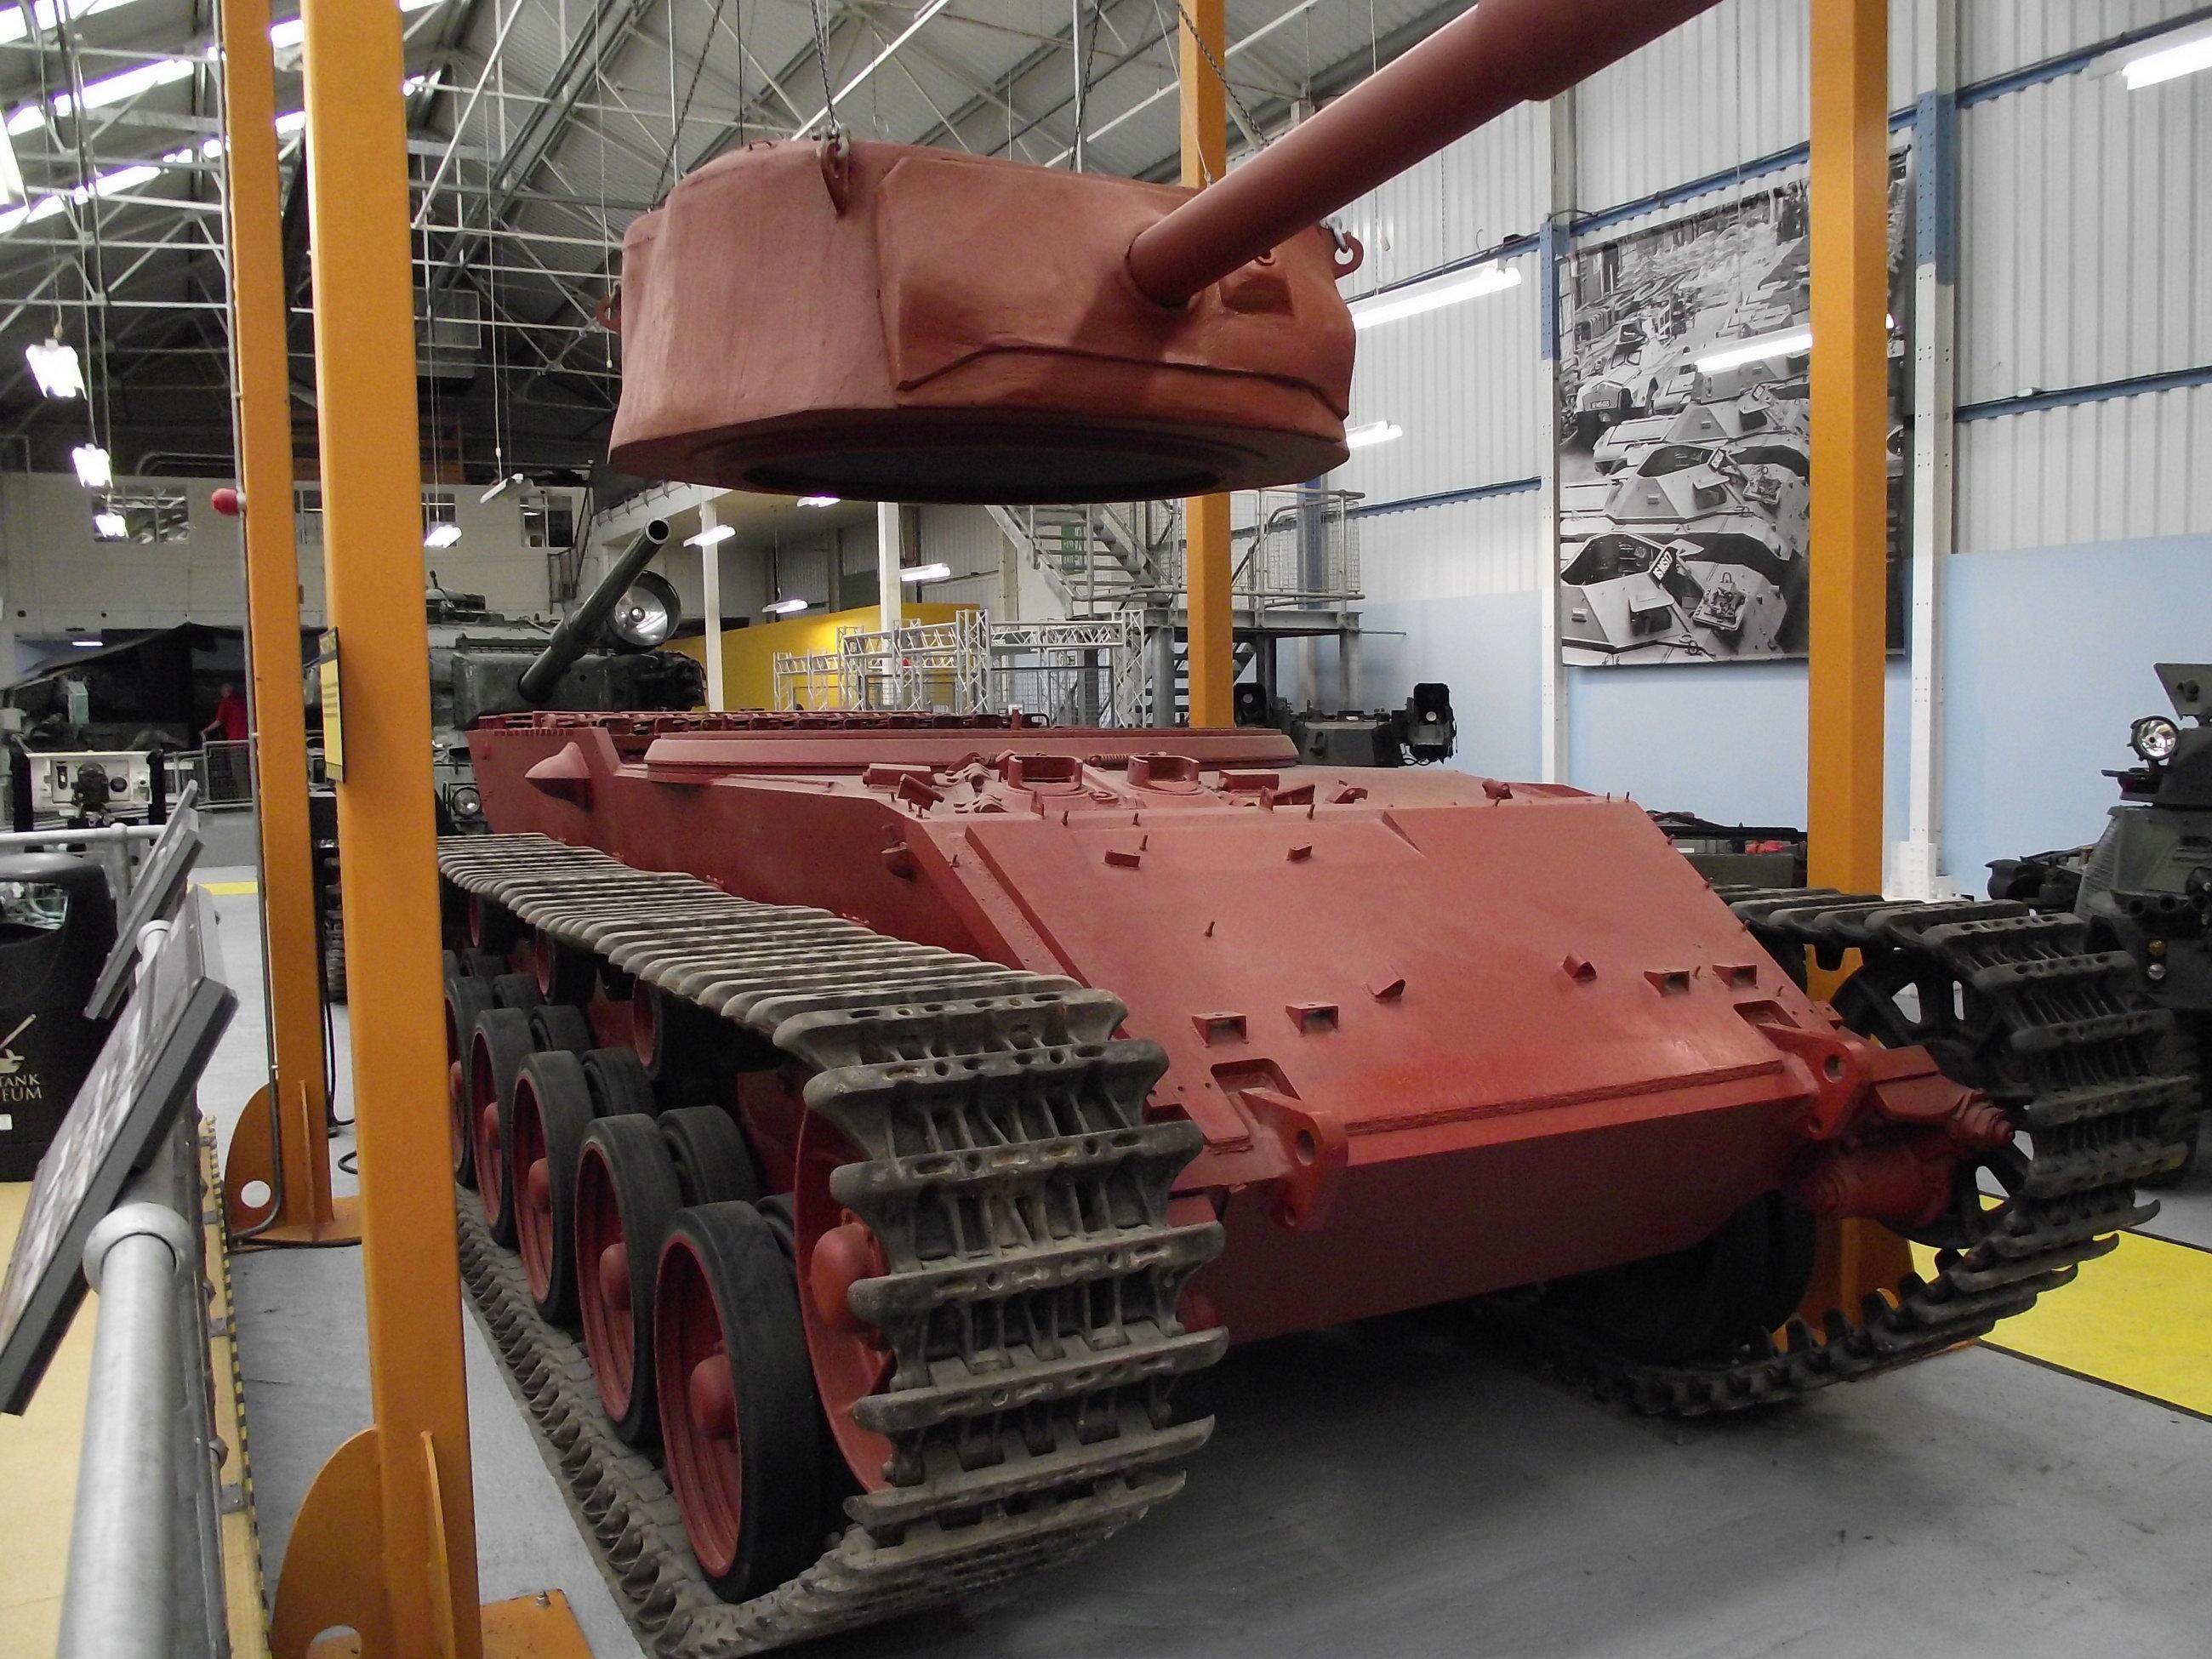 Tank_Museum_20180919_560.jpg